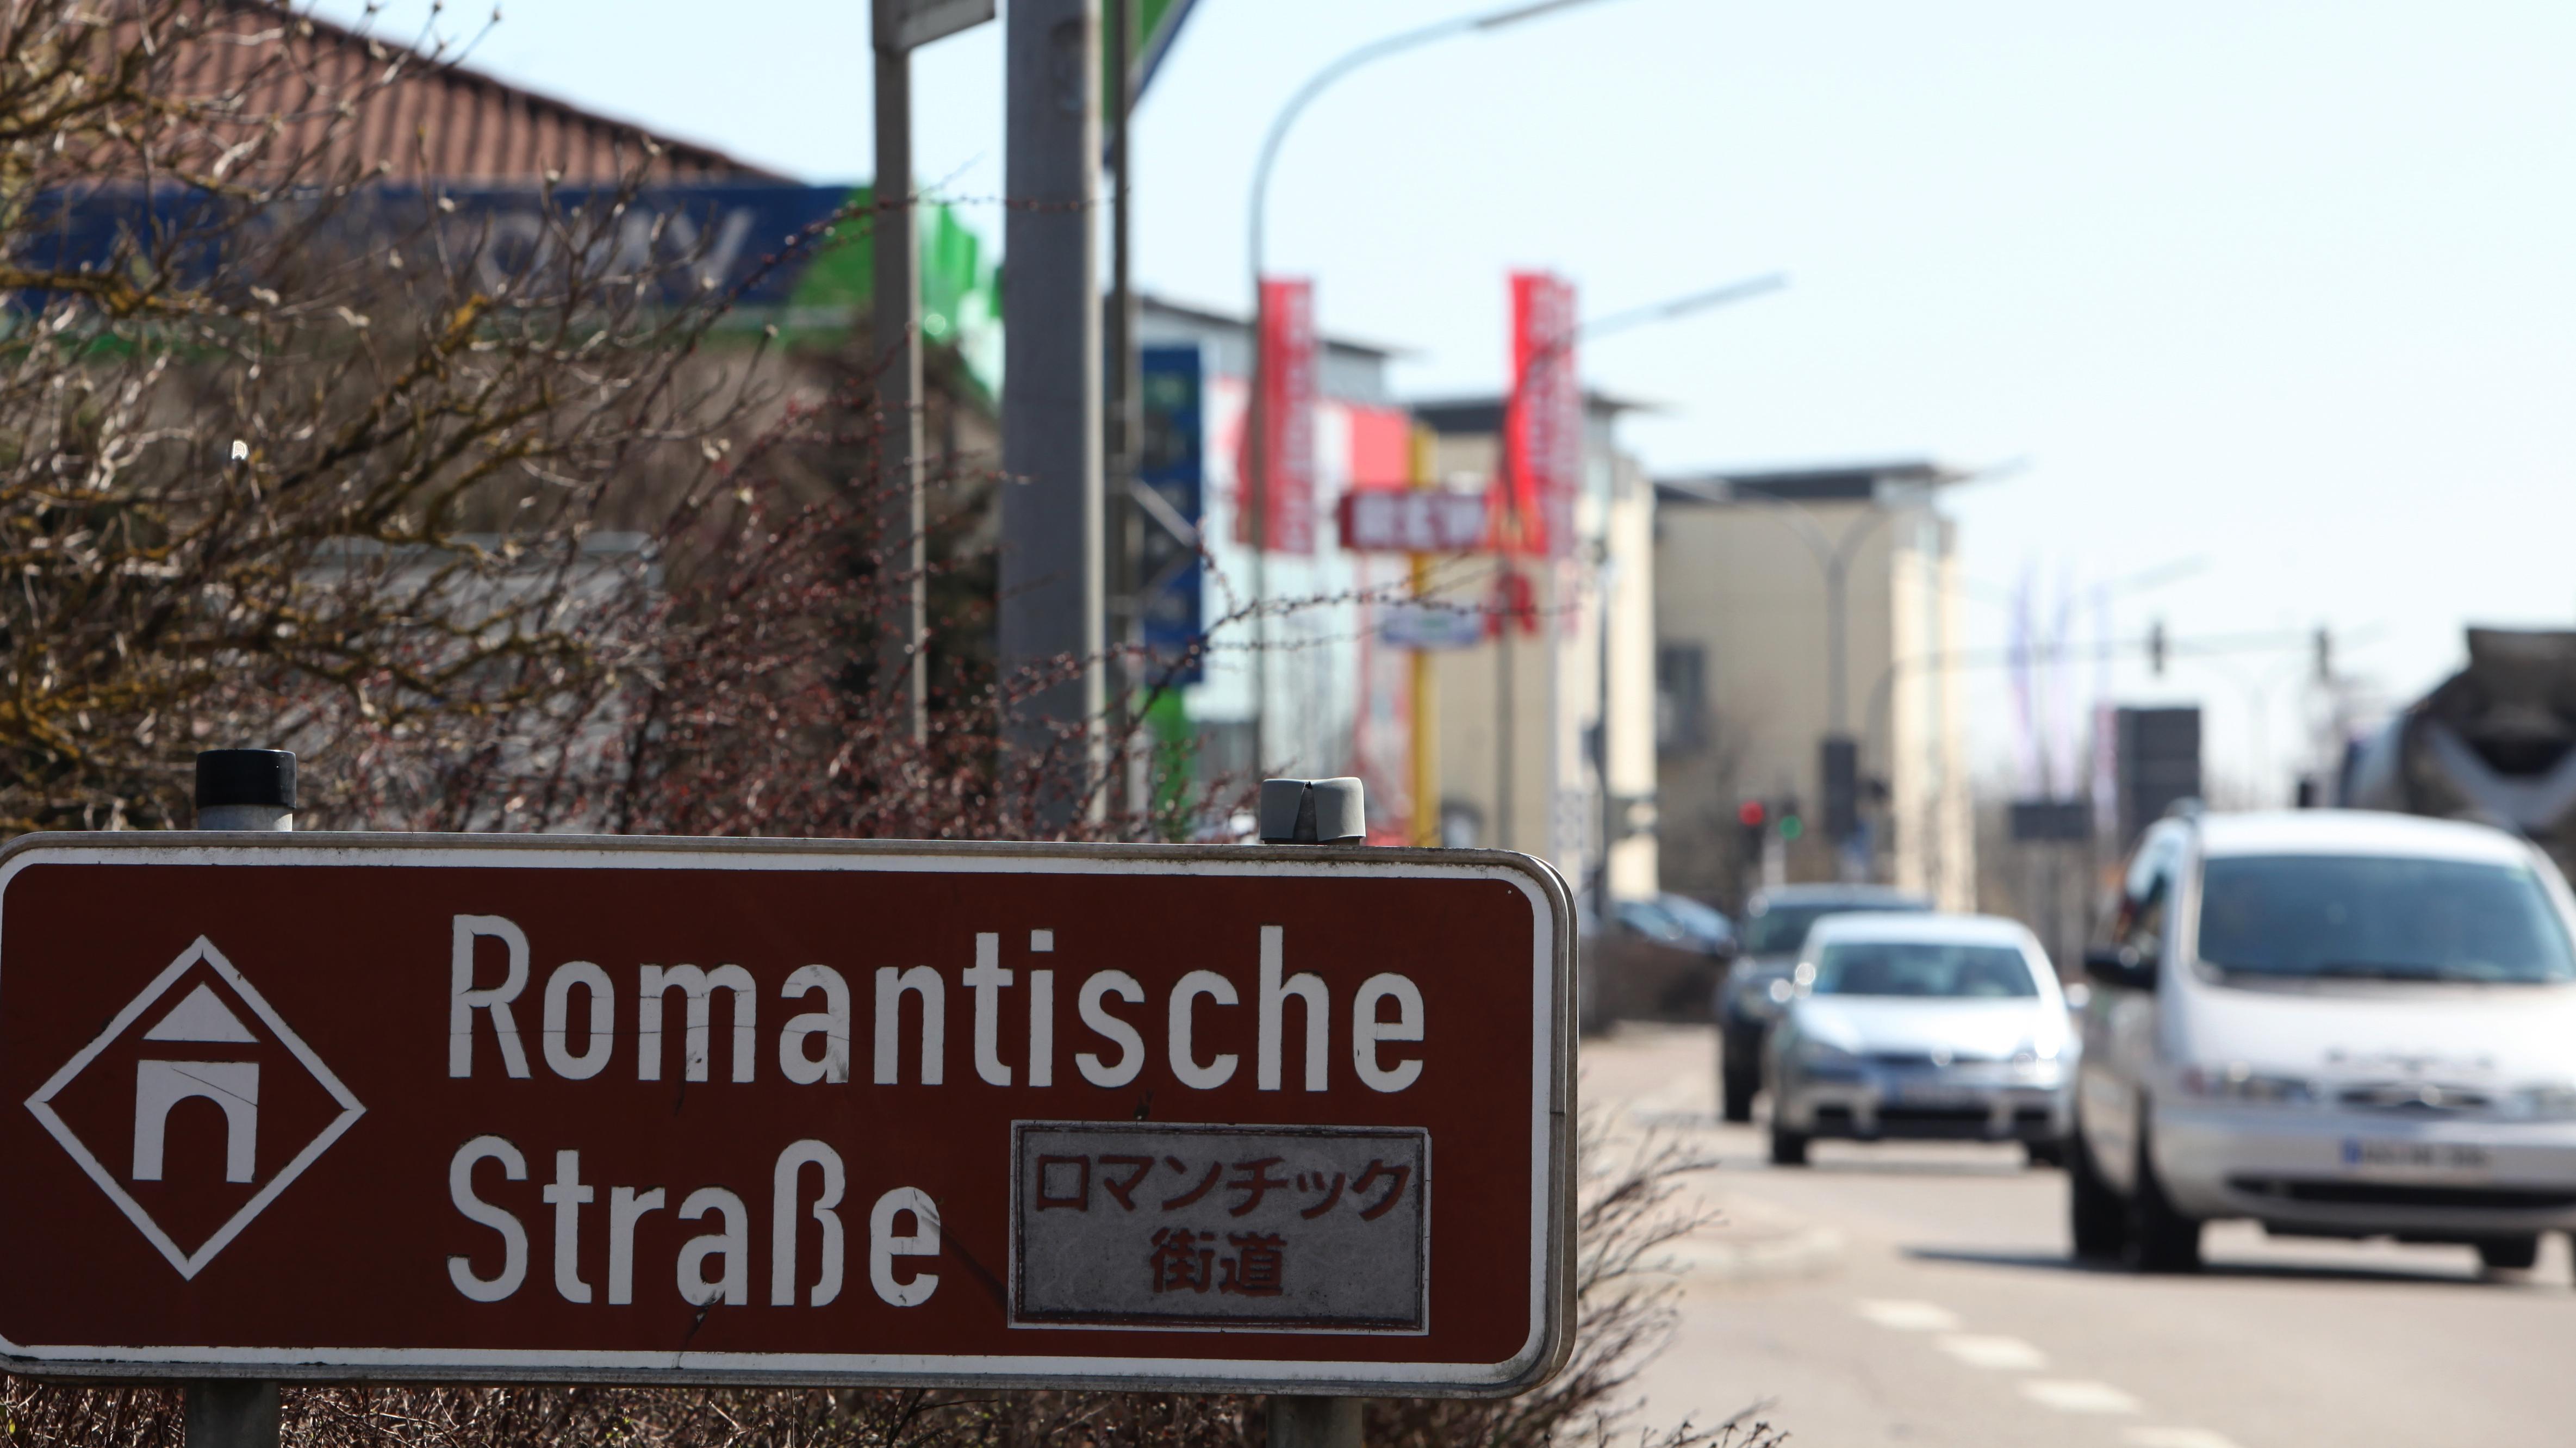 Die vielbefahrene B25 in Dinkelsbühl neben einem Hinweisschild auf die Romanische Straße